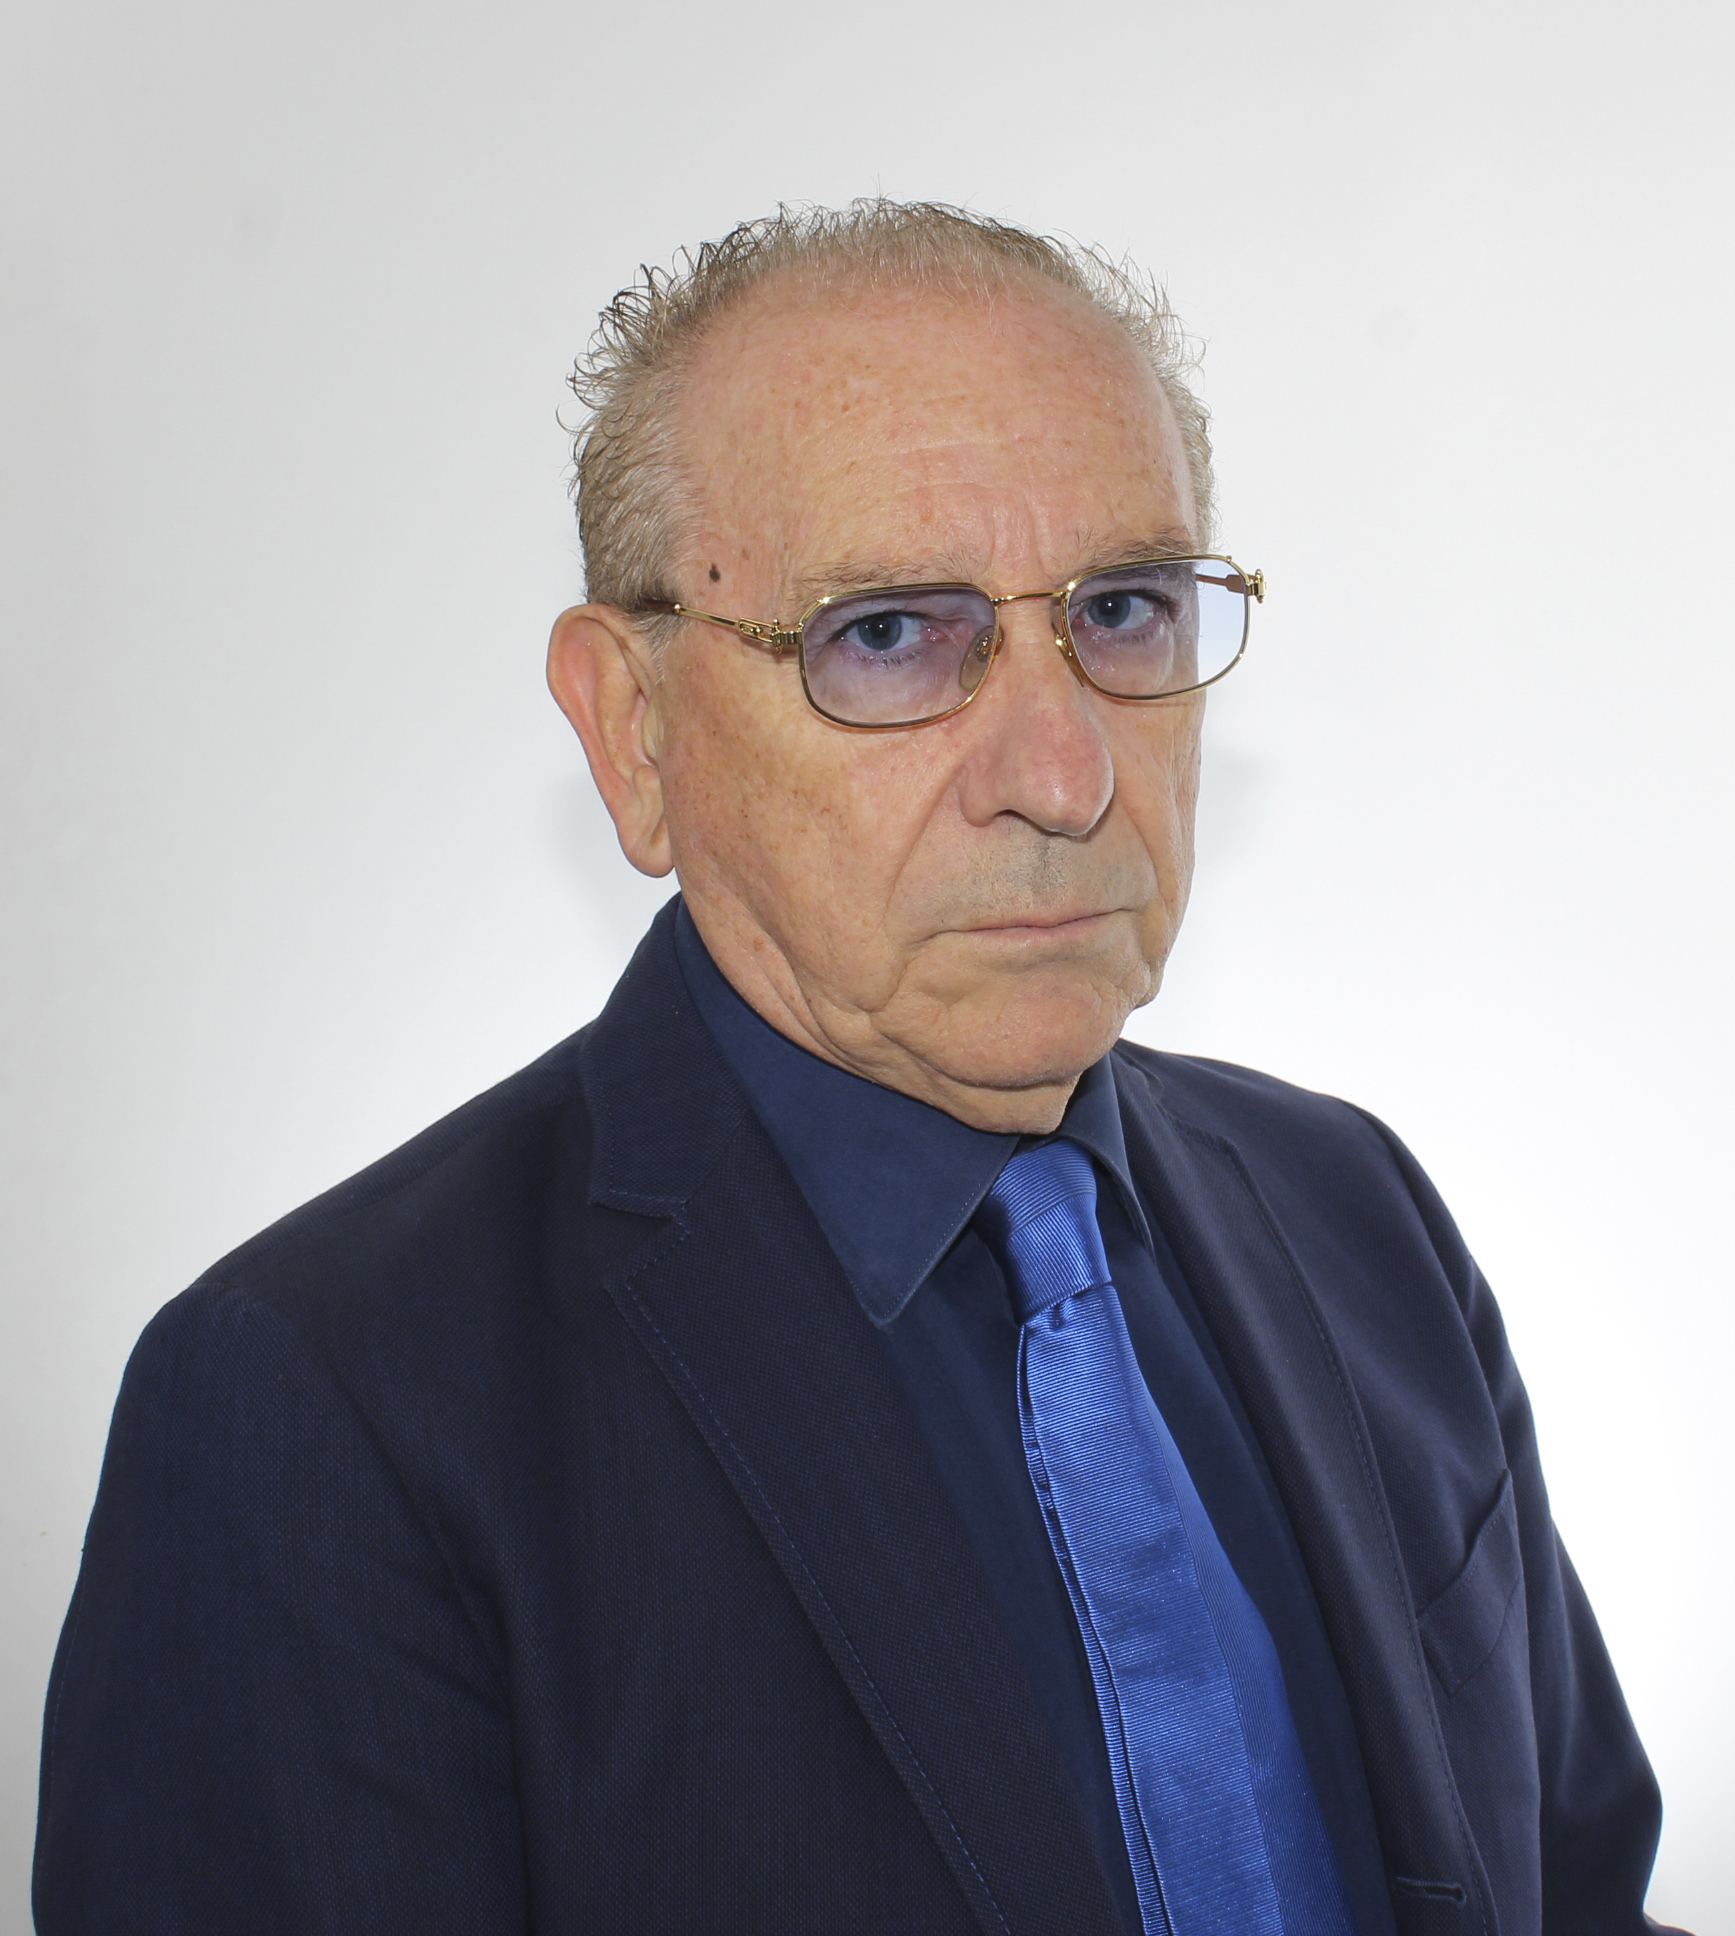 bruno + '-' + scapini-prospero-editore